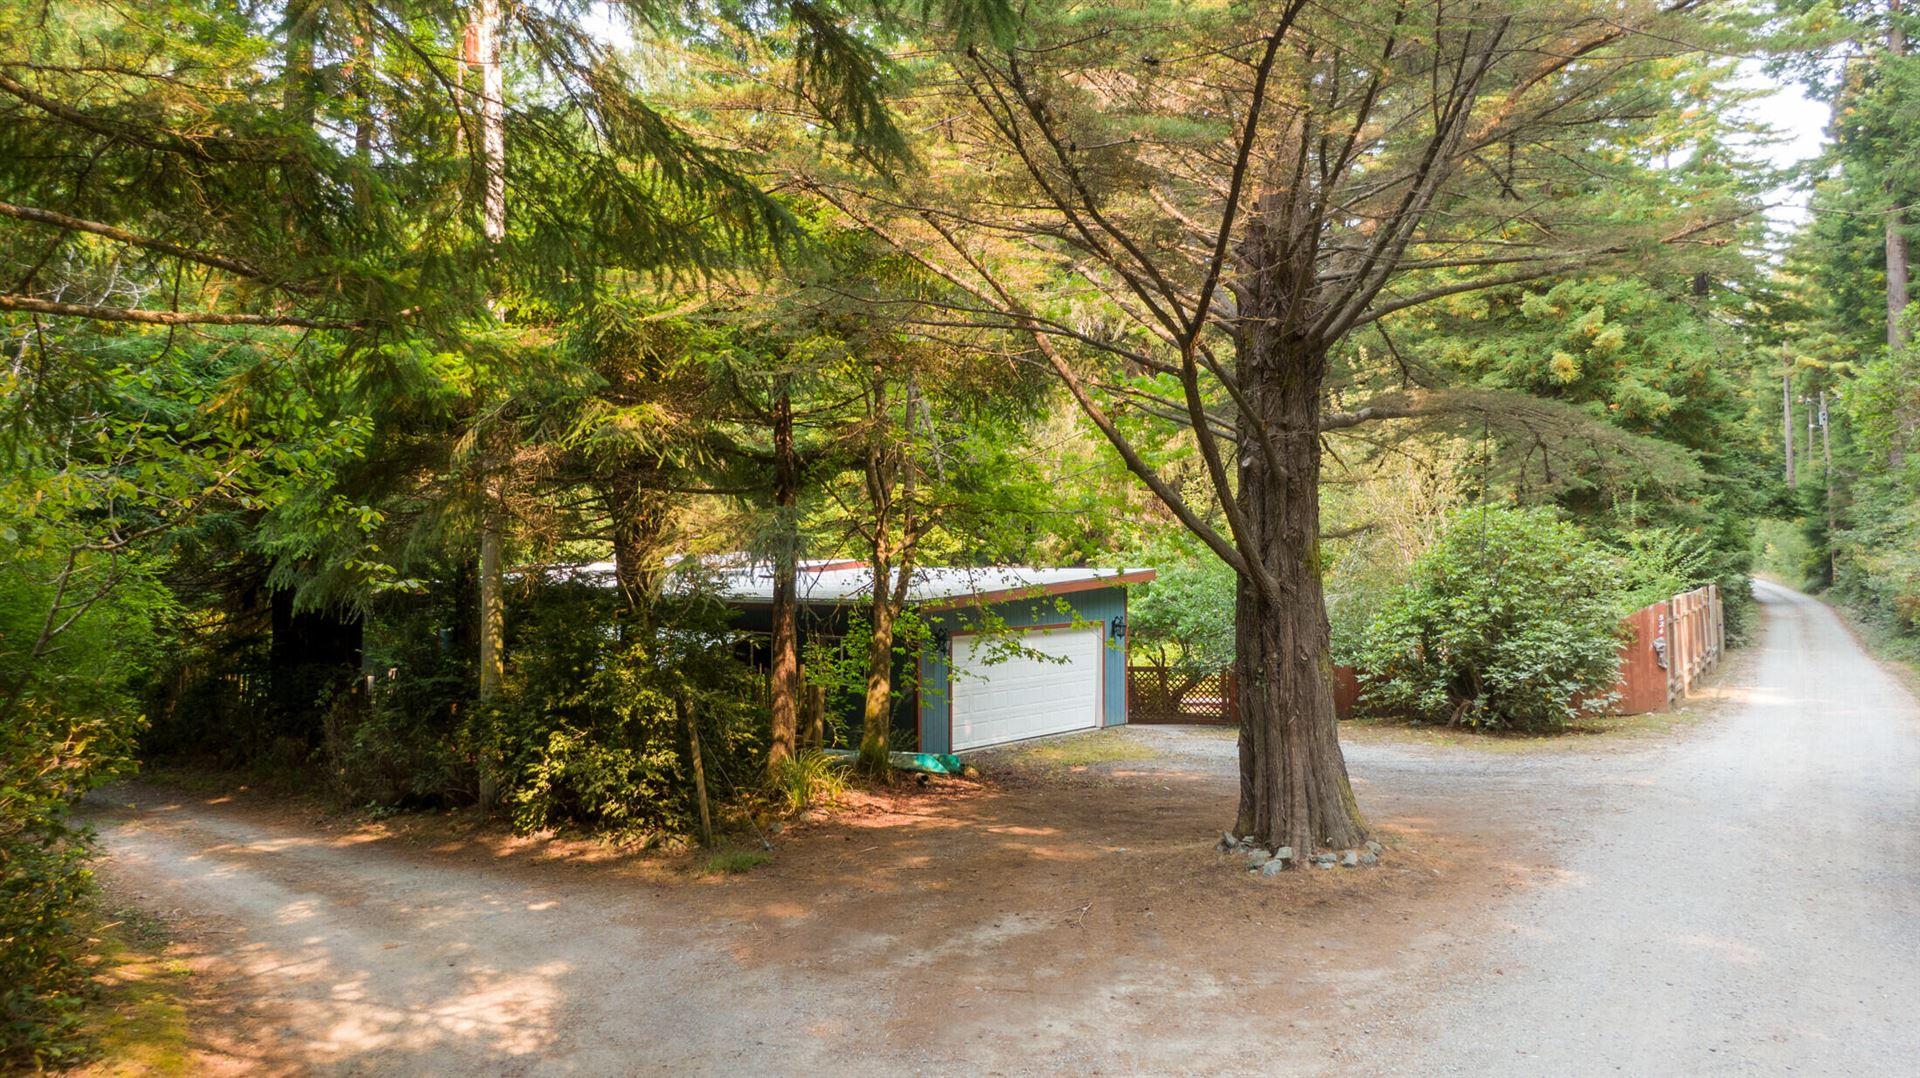 524 Old Wagon Road, Trinidad, CA 95570 - MLS#: 260117